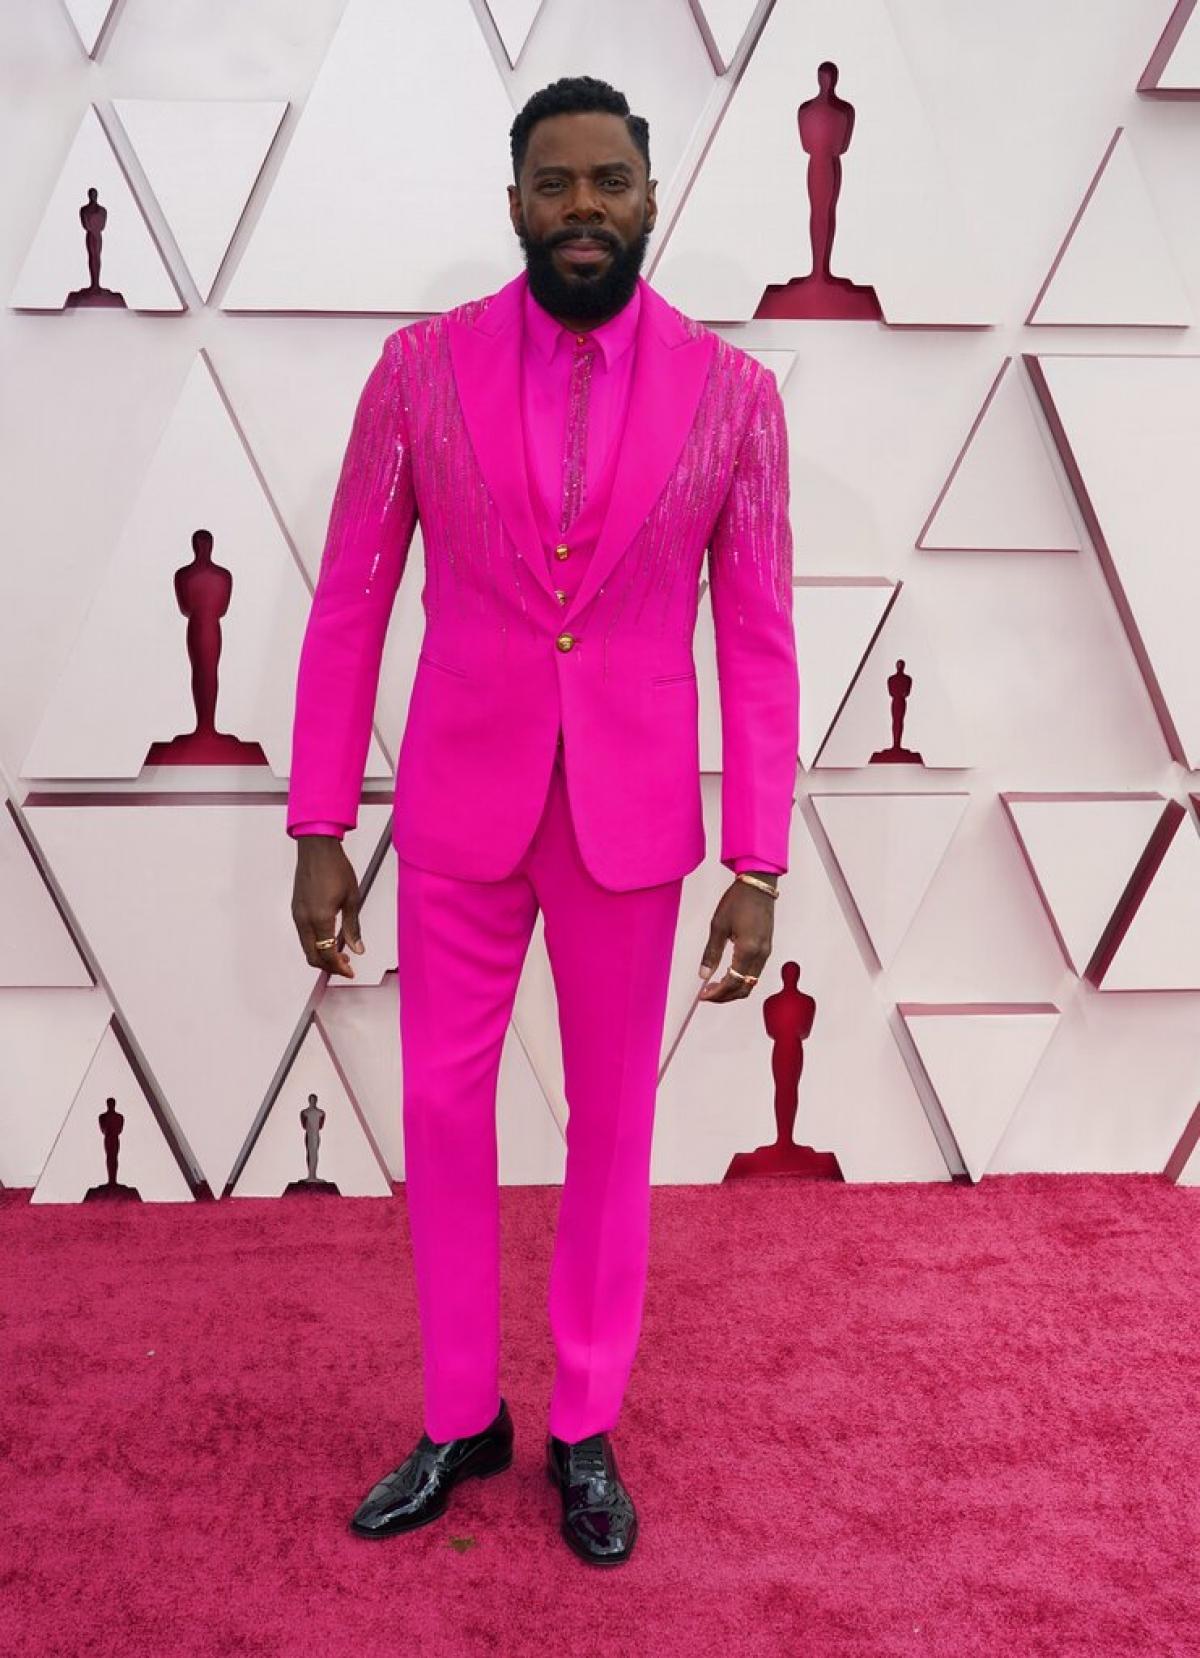 """Nam diễn viên Colman Domingo gây ấn tượng với bộ suit hồng đến từ nhà mốt Versace. Bộ phim """"Ma Rainey's Black Bottom"""" có sự góp mặt của anh đã giành được 5 đề cử Oscar năm nay."""